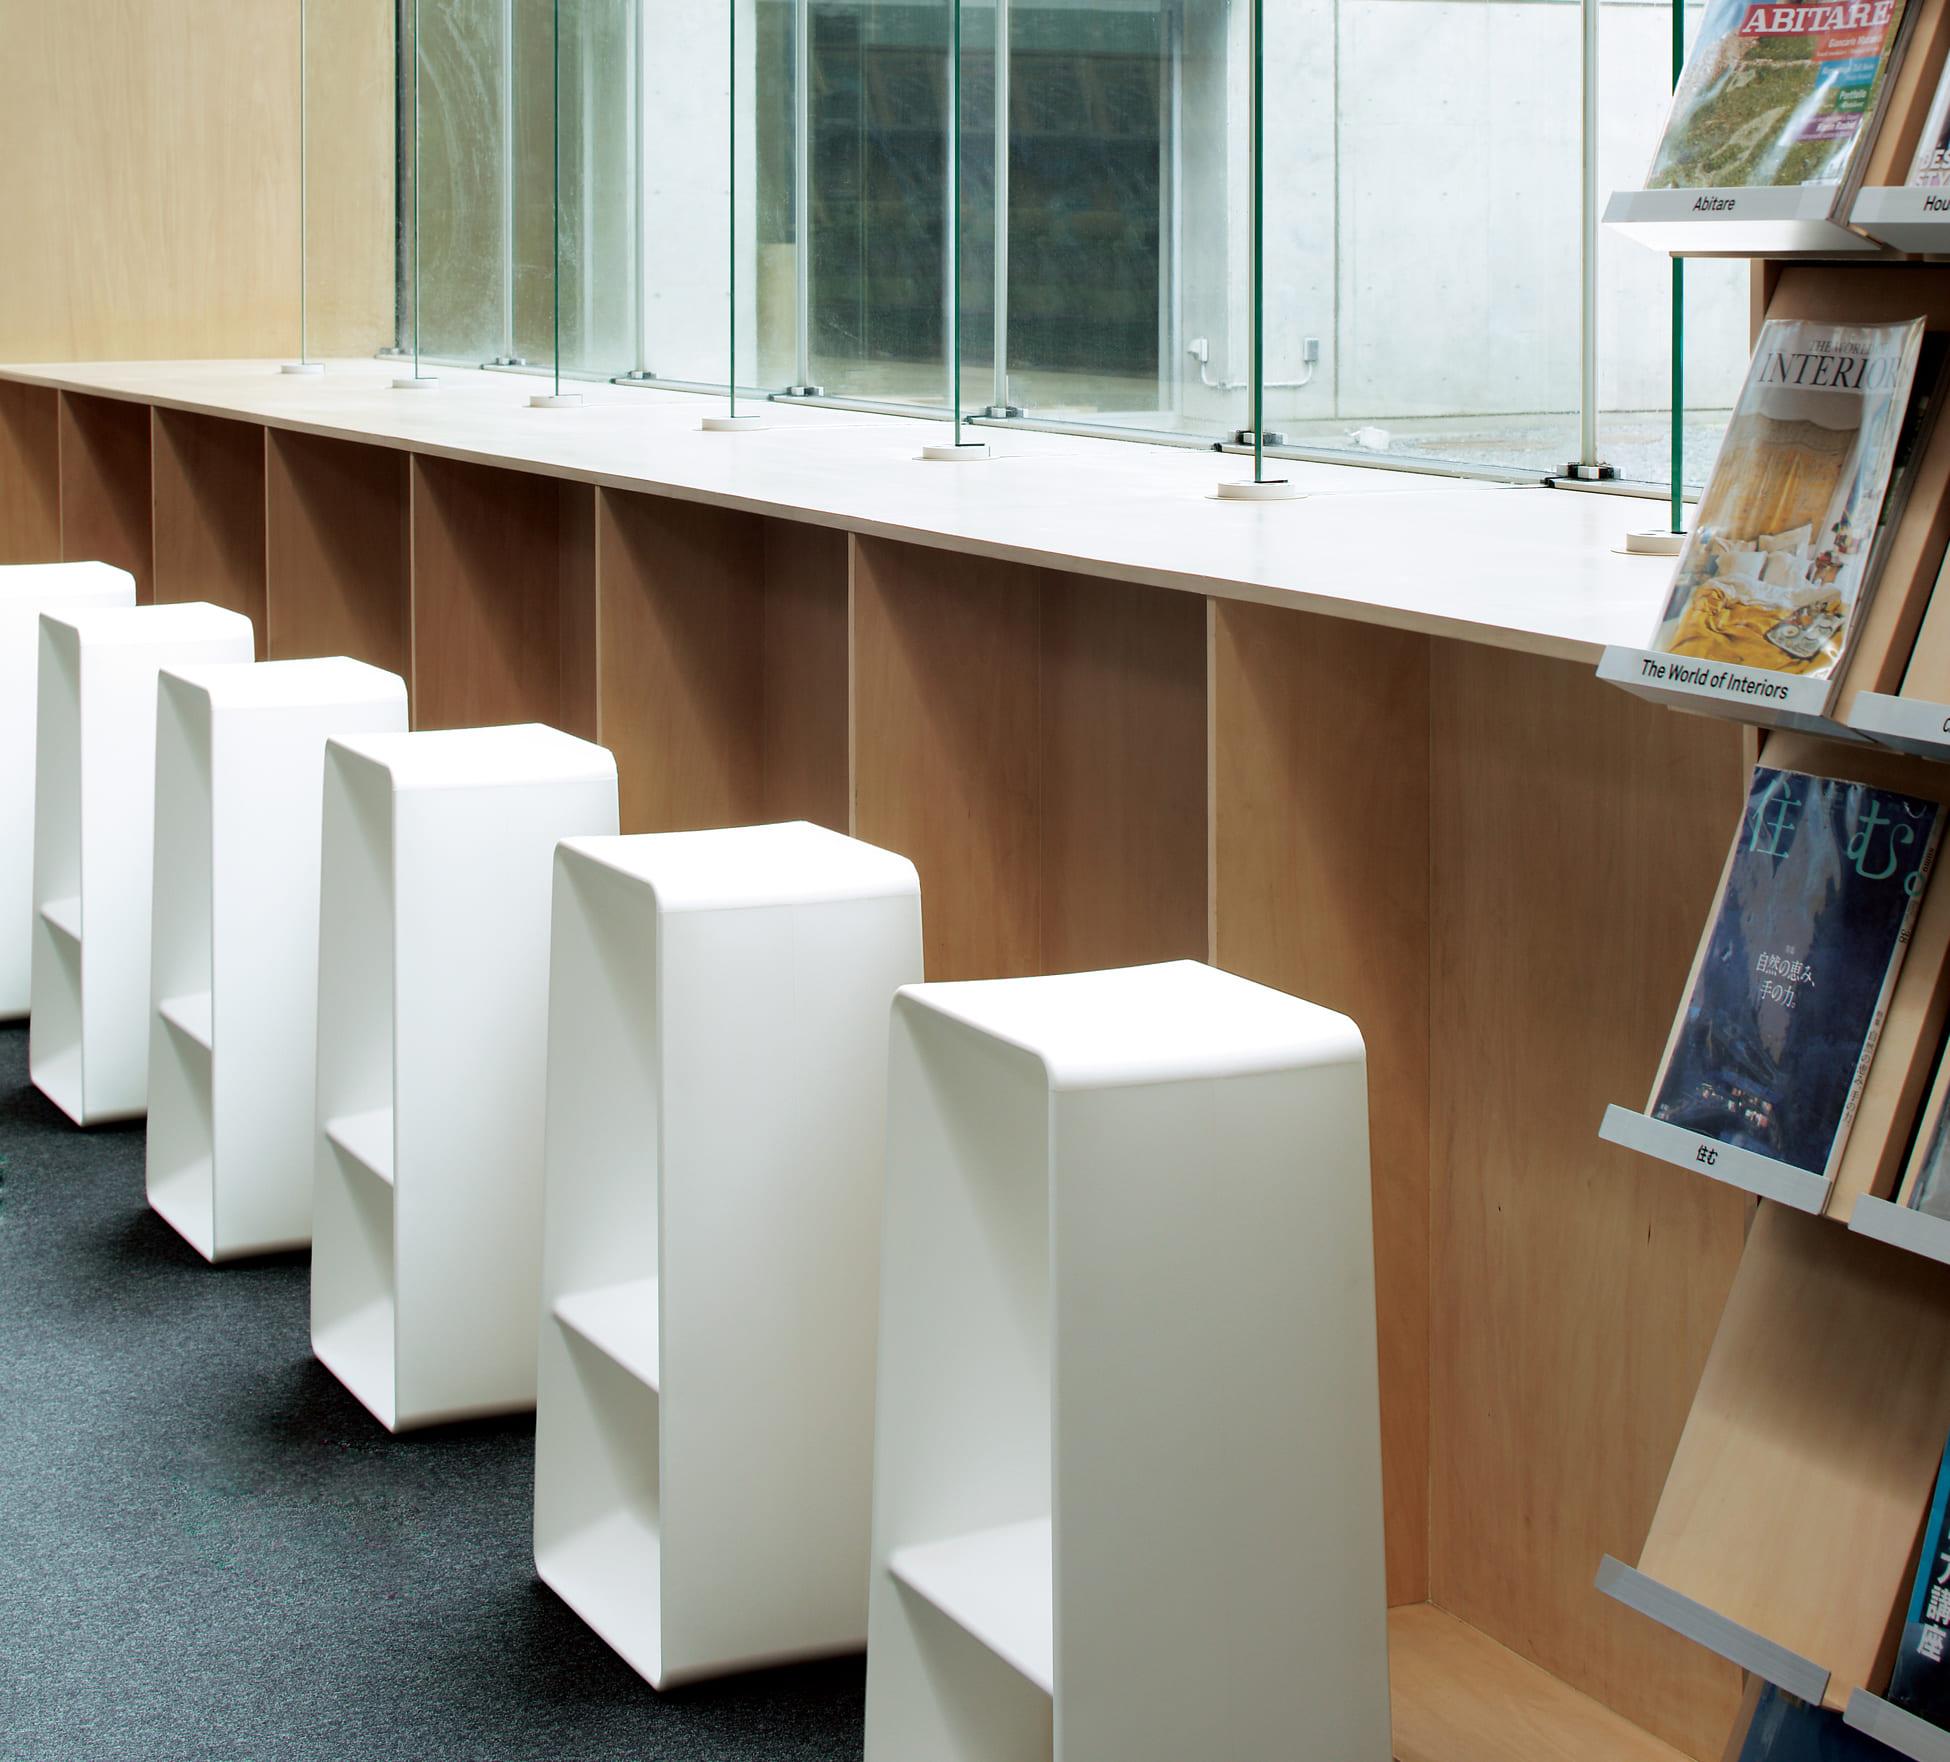 エルバ Erba 一人掛け 一人がけ 1人掛け 1人がけ 1人掛け 1人がけ 屋外 カウンターチェア プラスチック 箱型 筒形 NY003